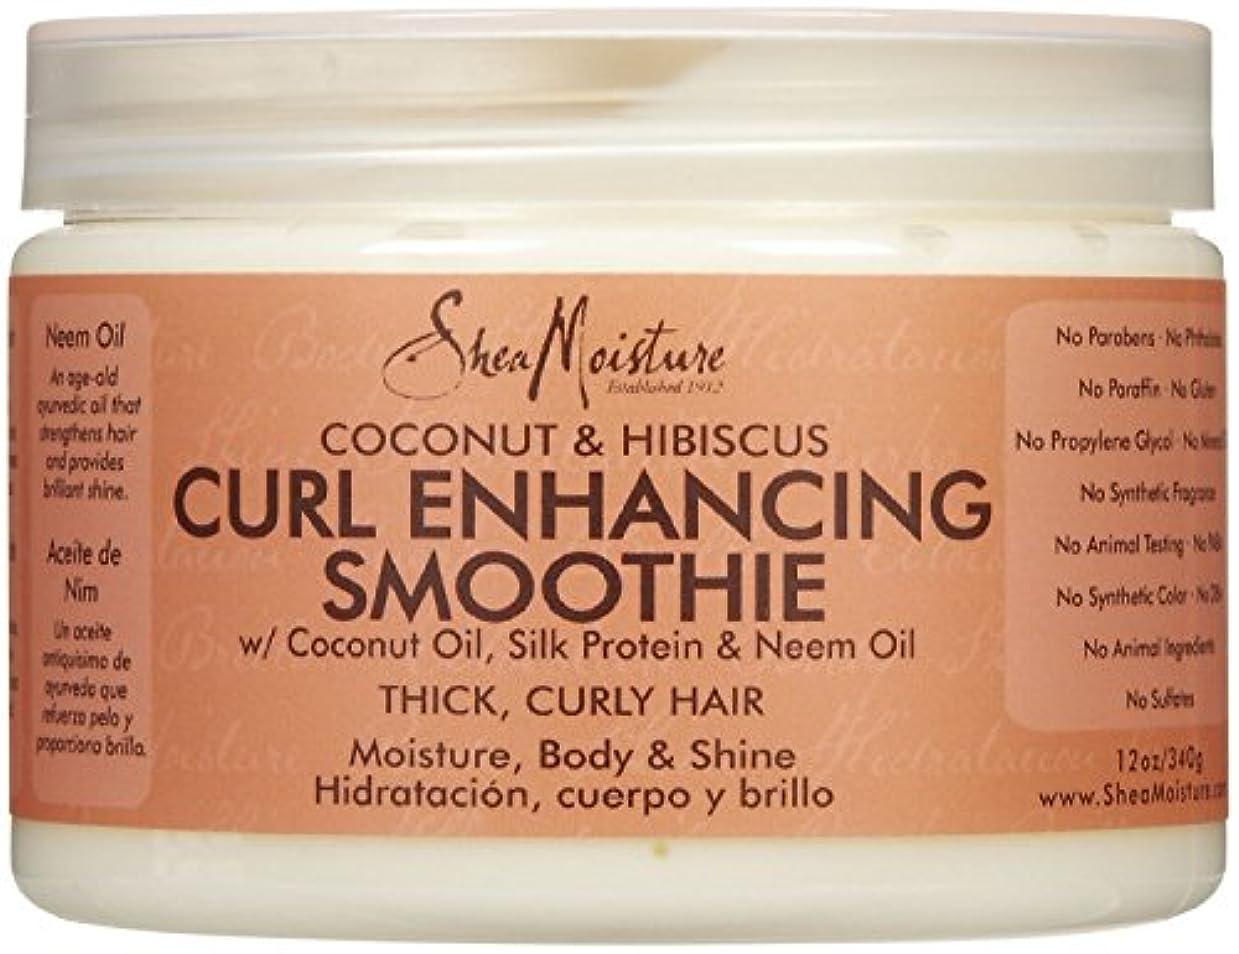 コア道徳の動シーモイスチャー Shea Moisture Coconut Hibiscus Curl Enhancing Smoothie ヘアトリートメント